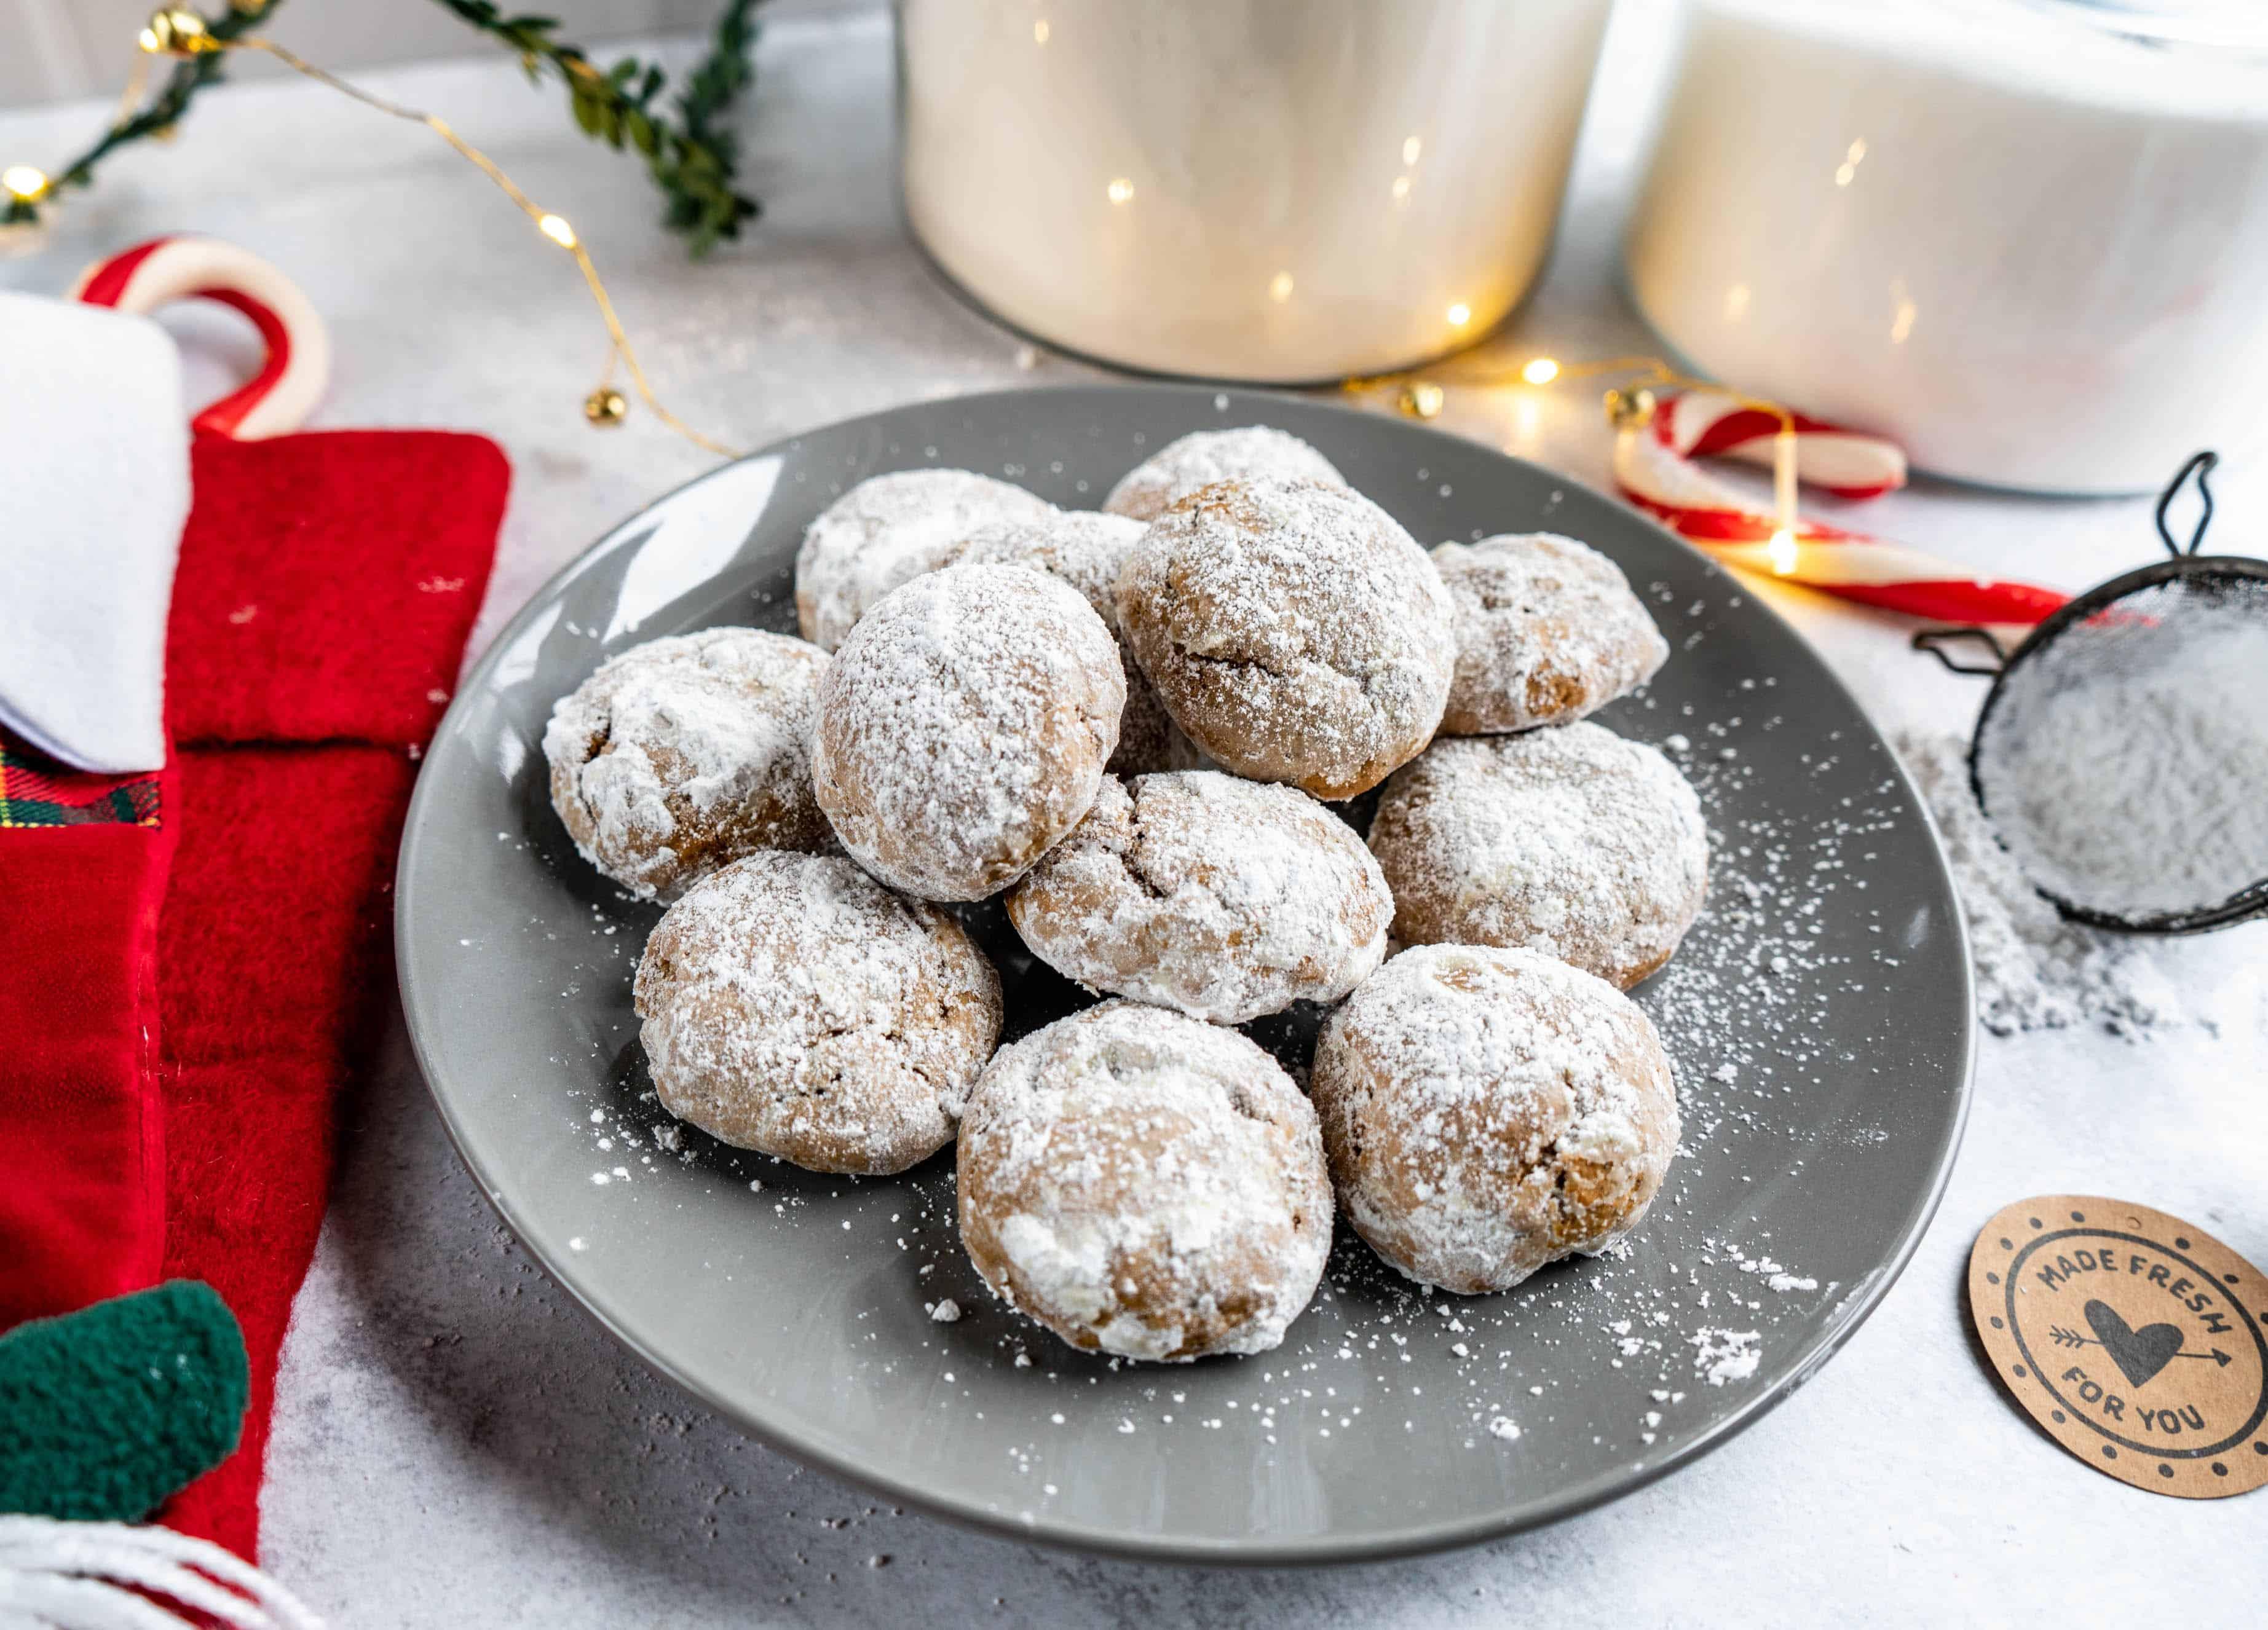 pfeffernusse cookies baked on plate